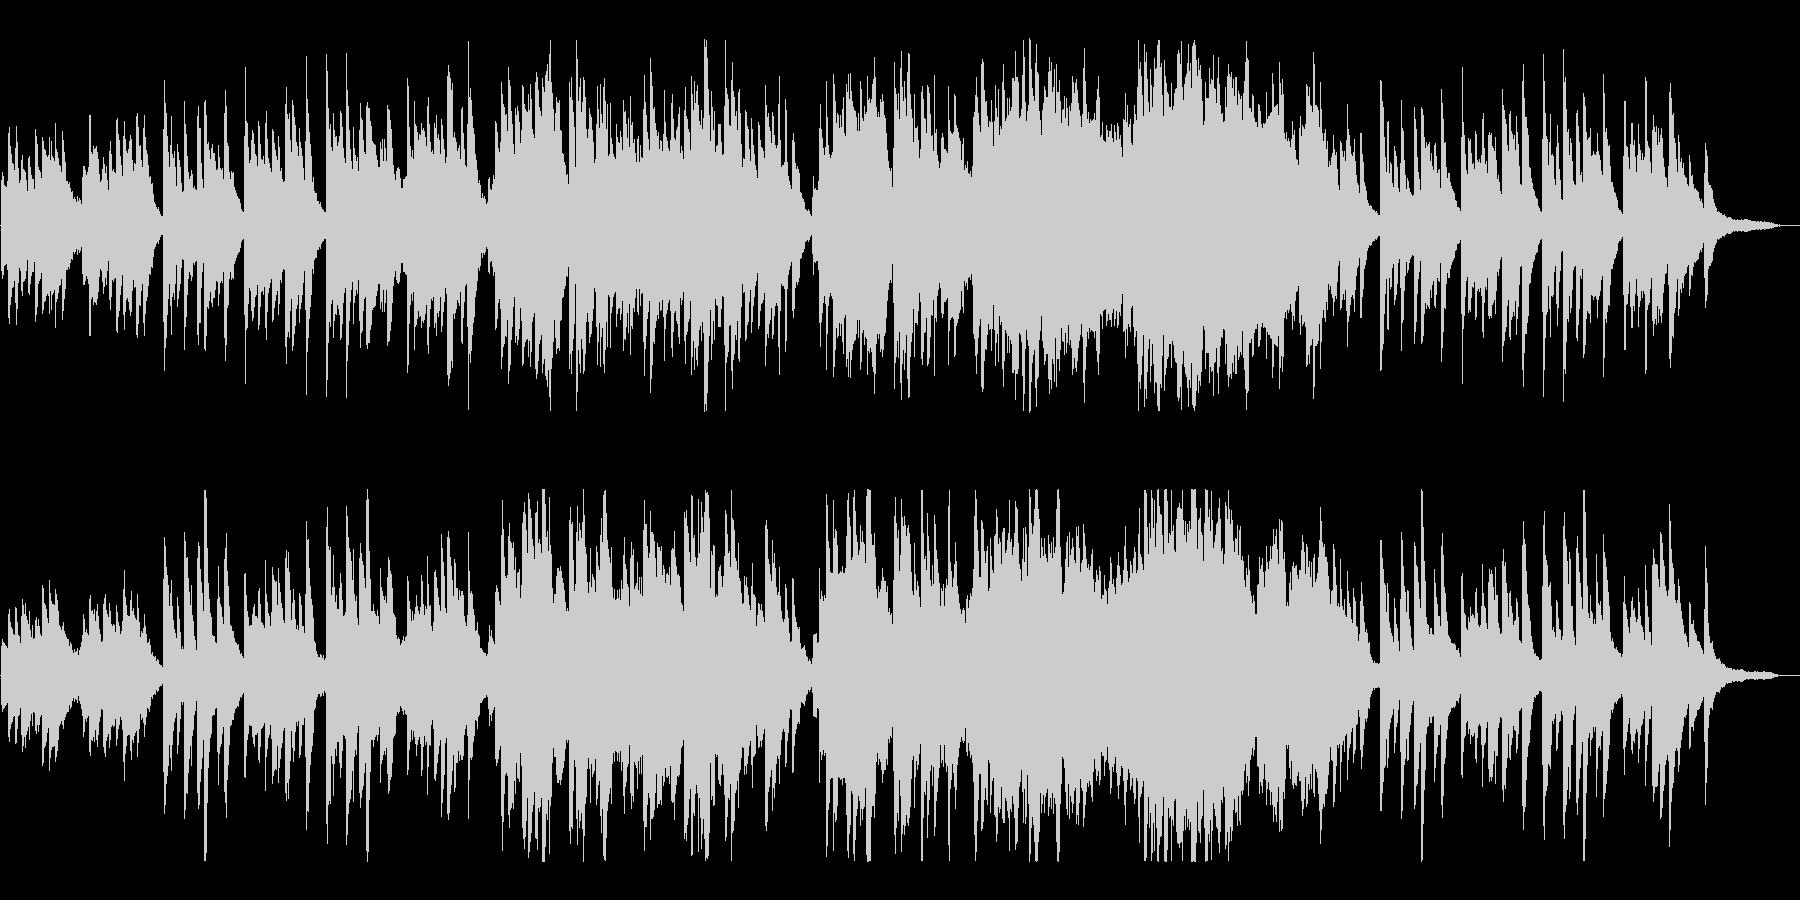 ピアノの旋律が綺麗なバラードの未再生の波形